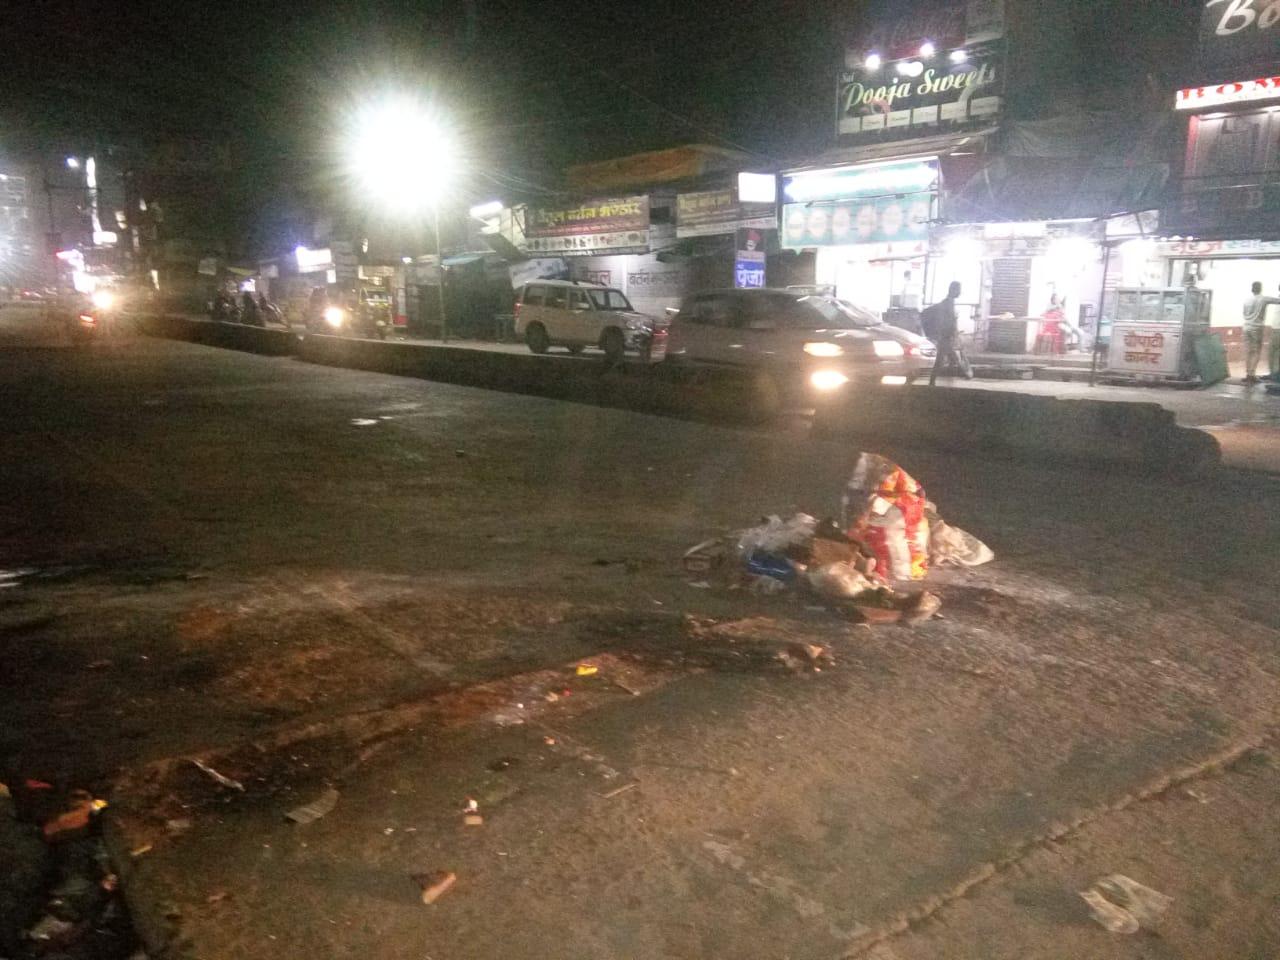 पढ़े, बीच सड़क और नाली में फैंका कचरा पांच-पांच रुपए का जुर्माना